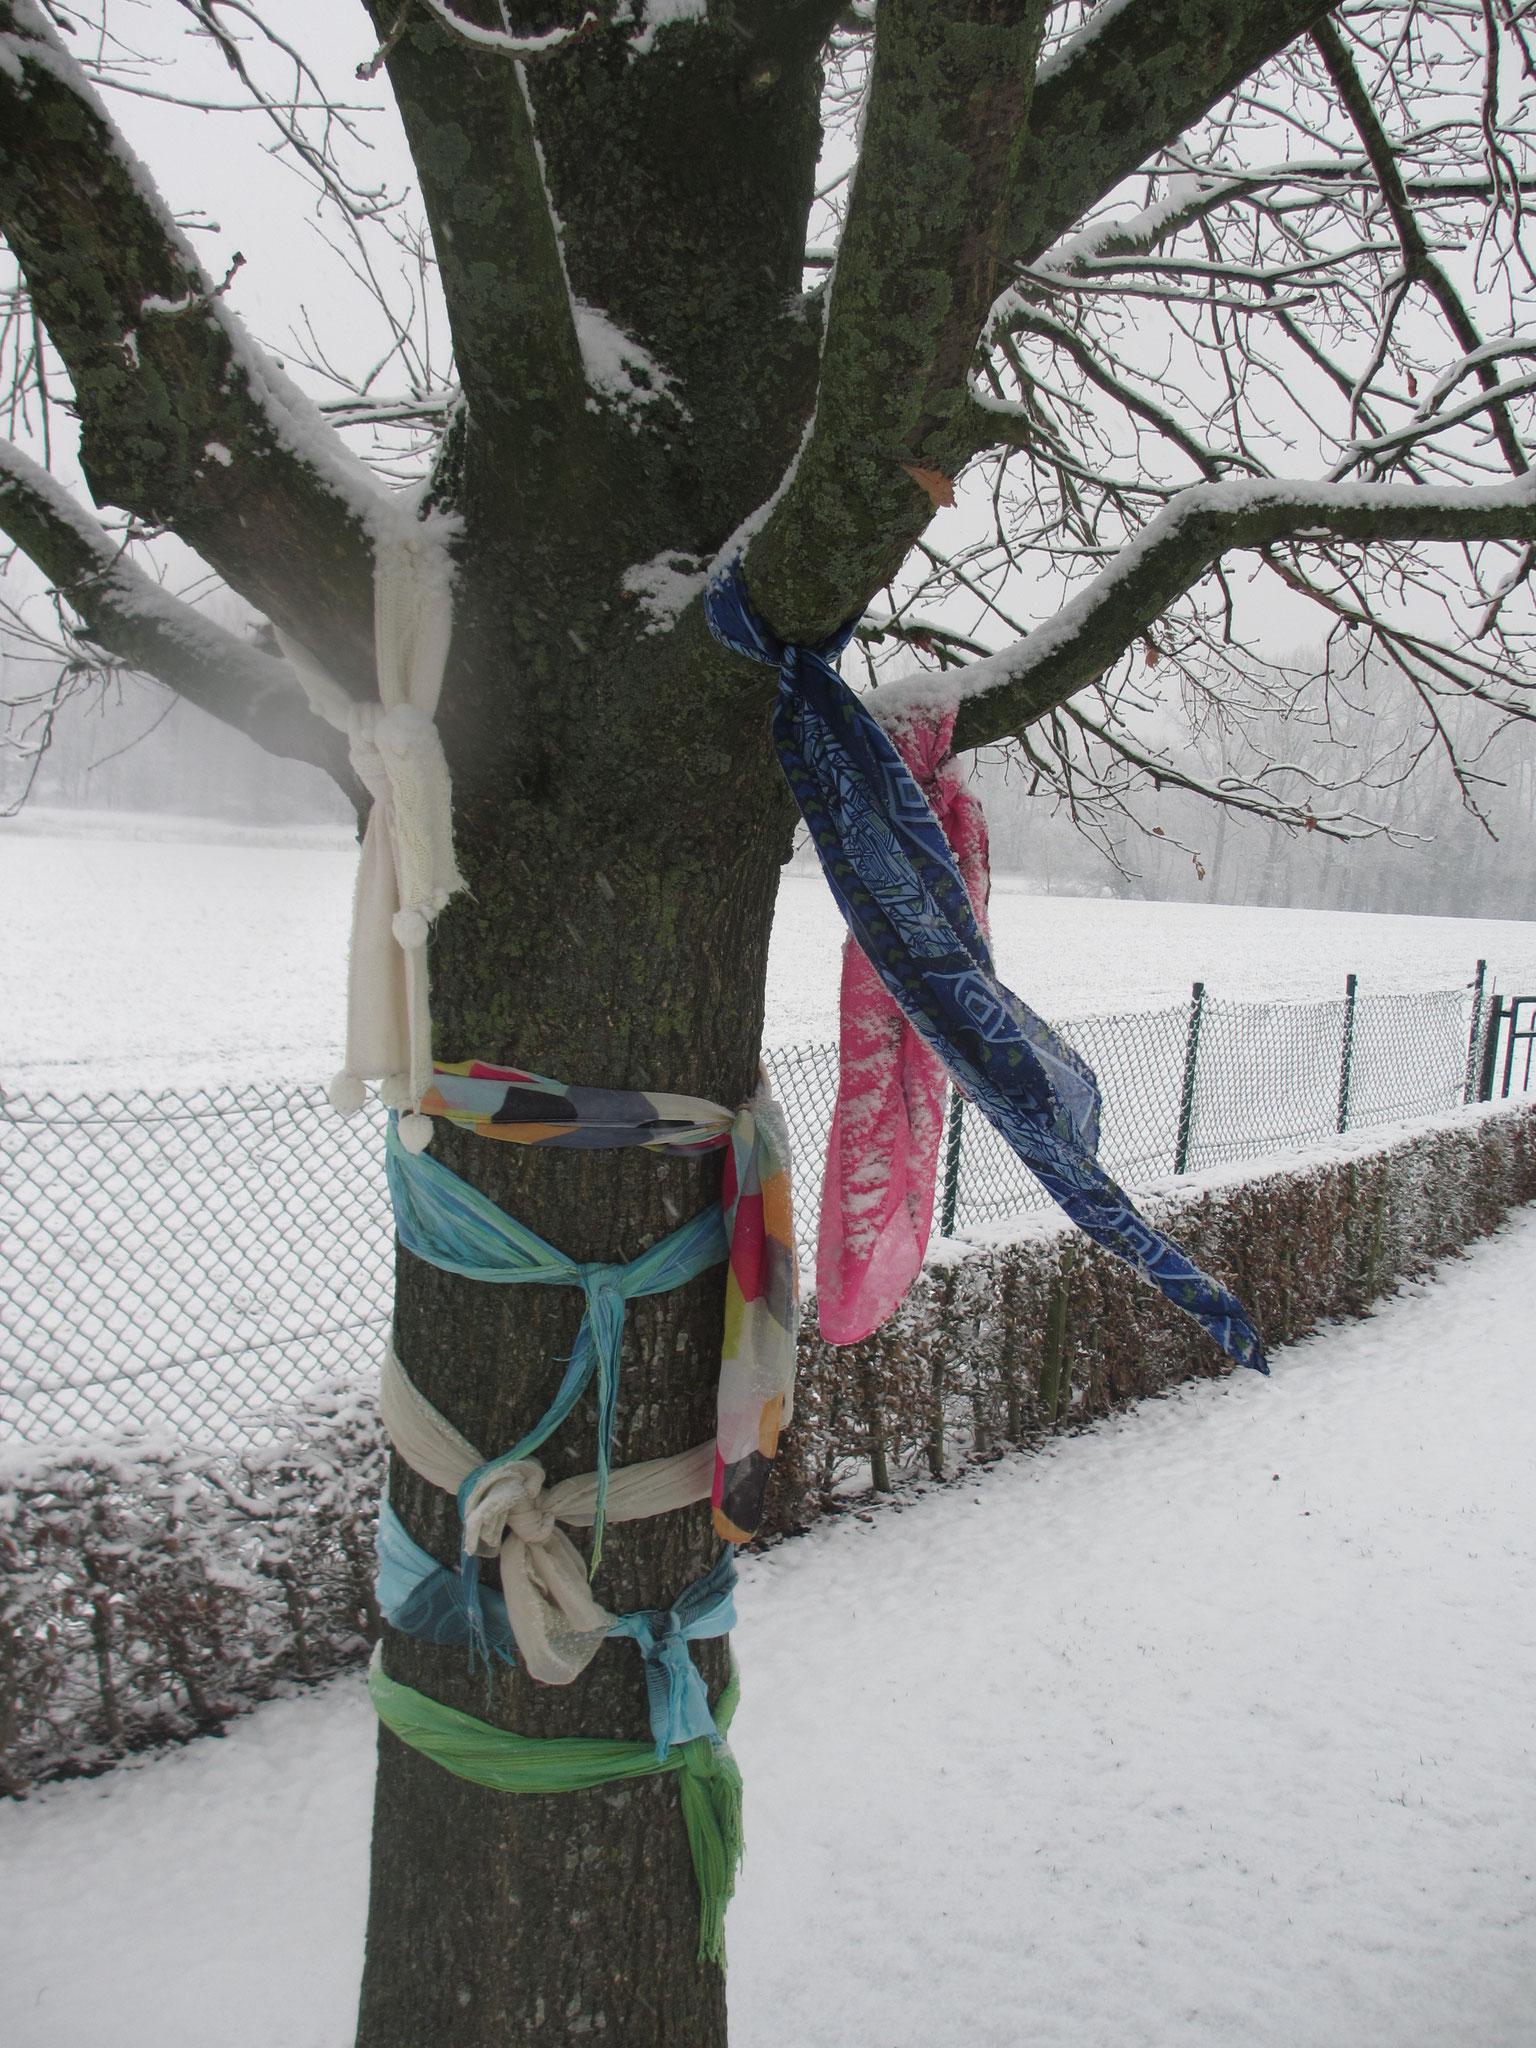 Les écharpes des petits de Mme Virginie tiennent chaud à notre arbre.